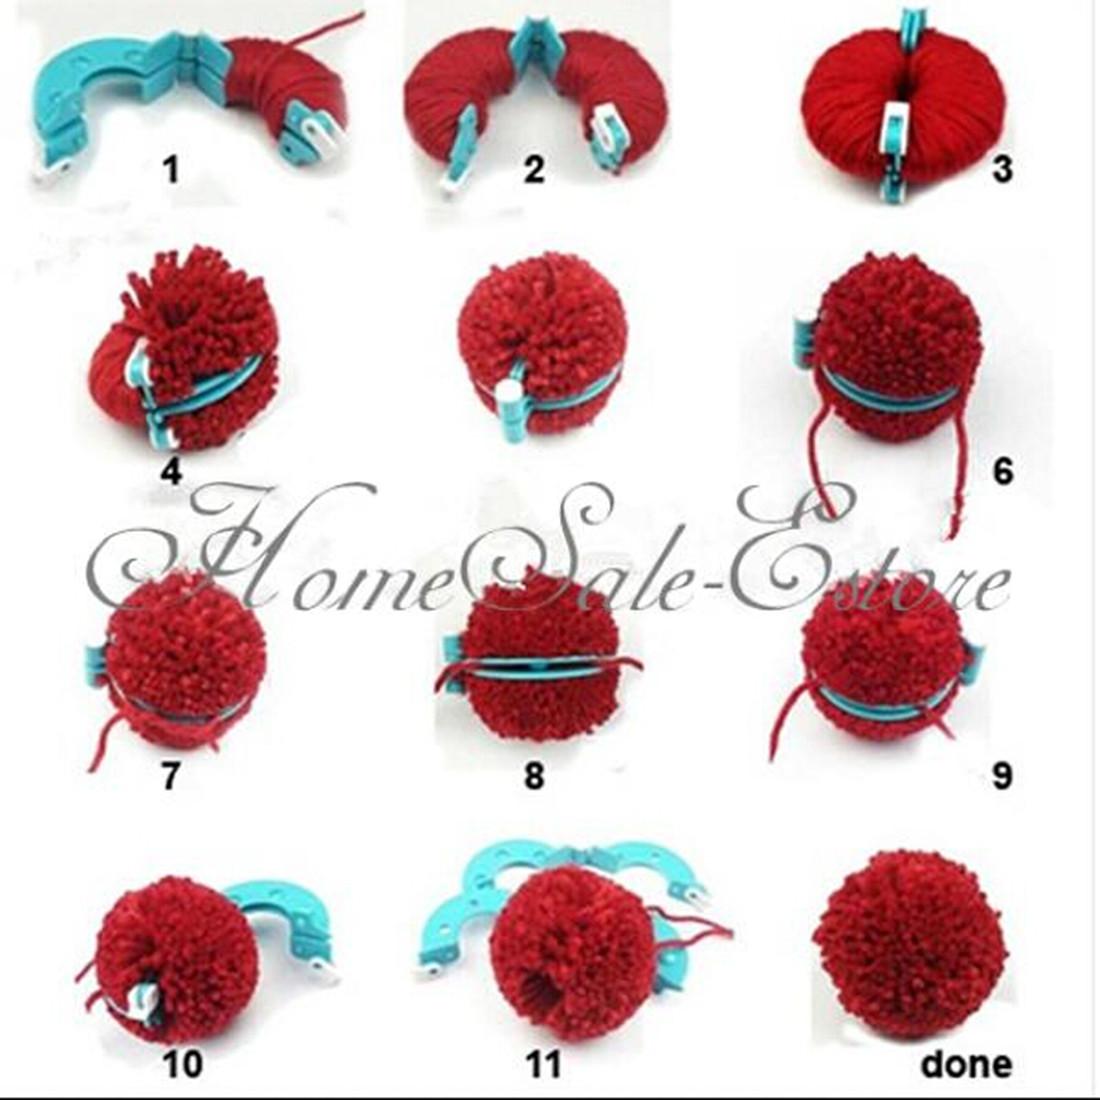 pompon set 8 appareil bommel pom pom maker clover laine. Black Bedroom Furniture Sets. Home Design Ideas